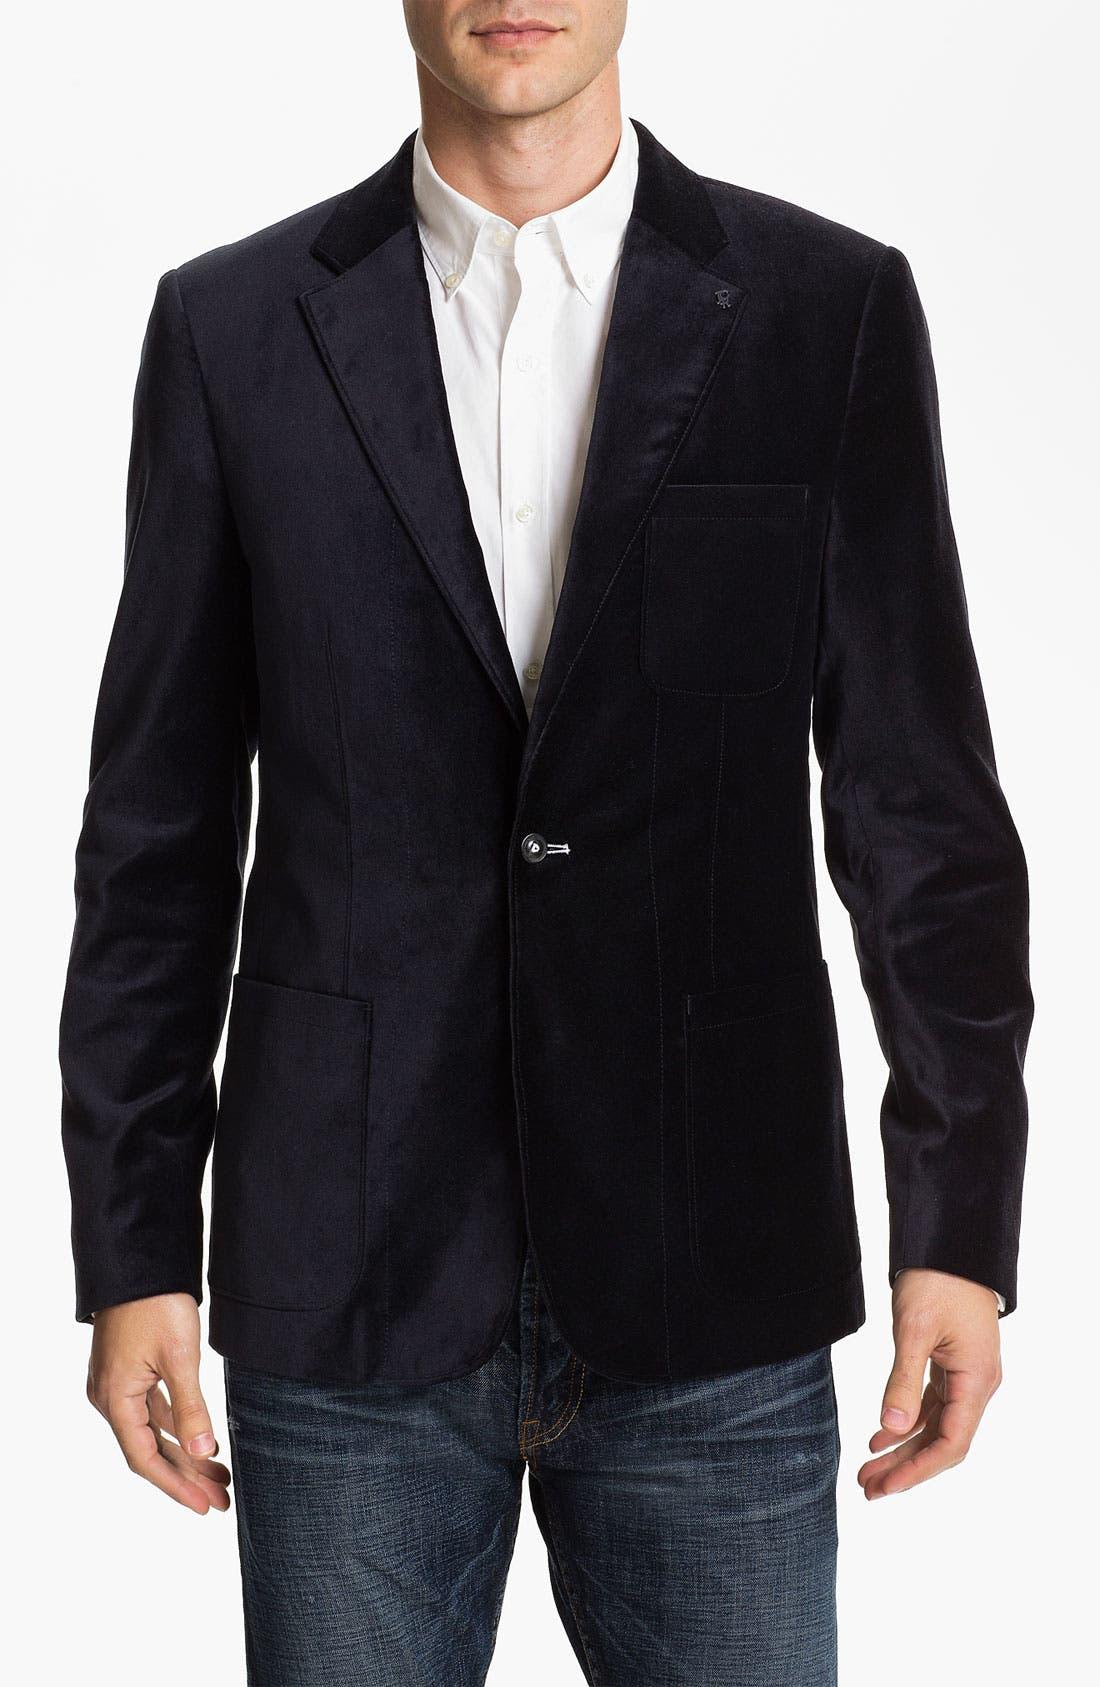 Alternate Image 1 Selected - J.C. Rags Extra Trim Fit Velvet Blazer